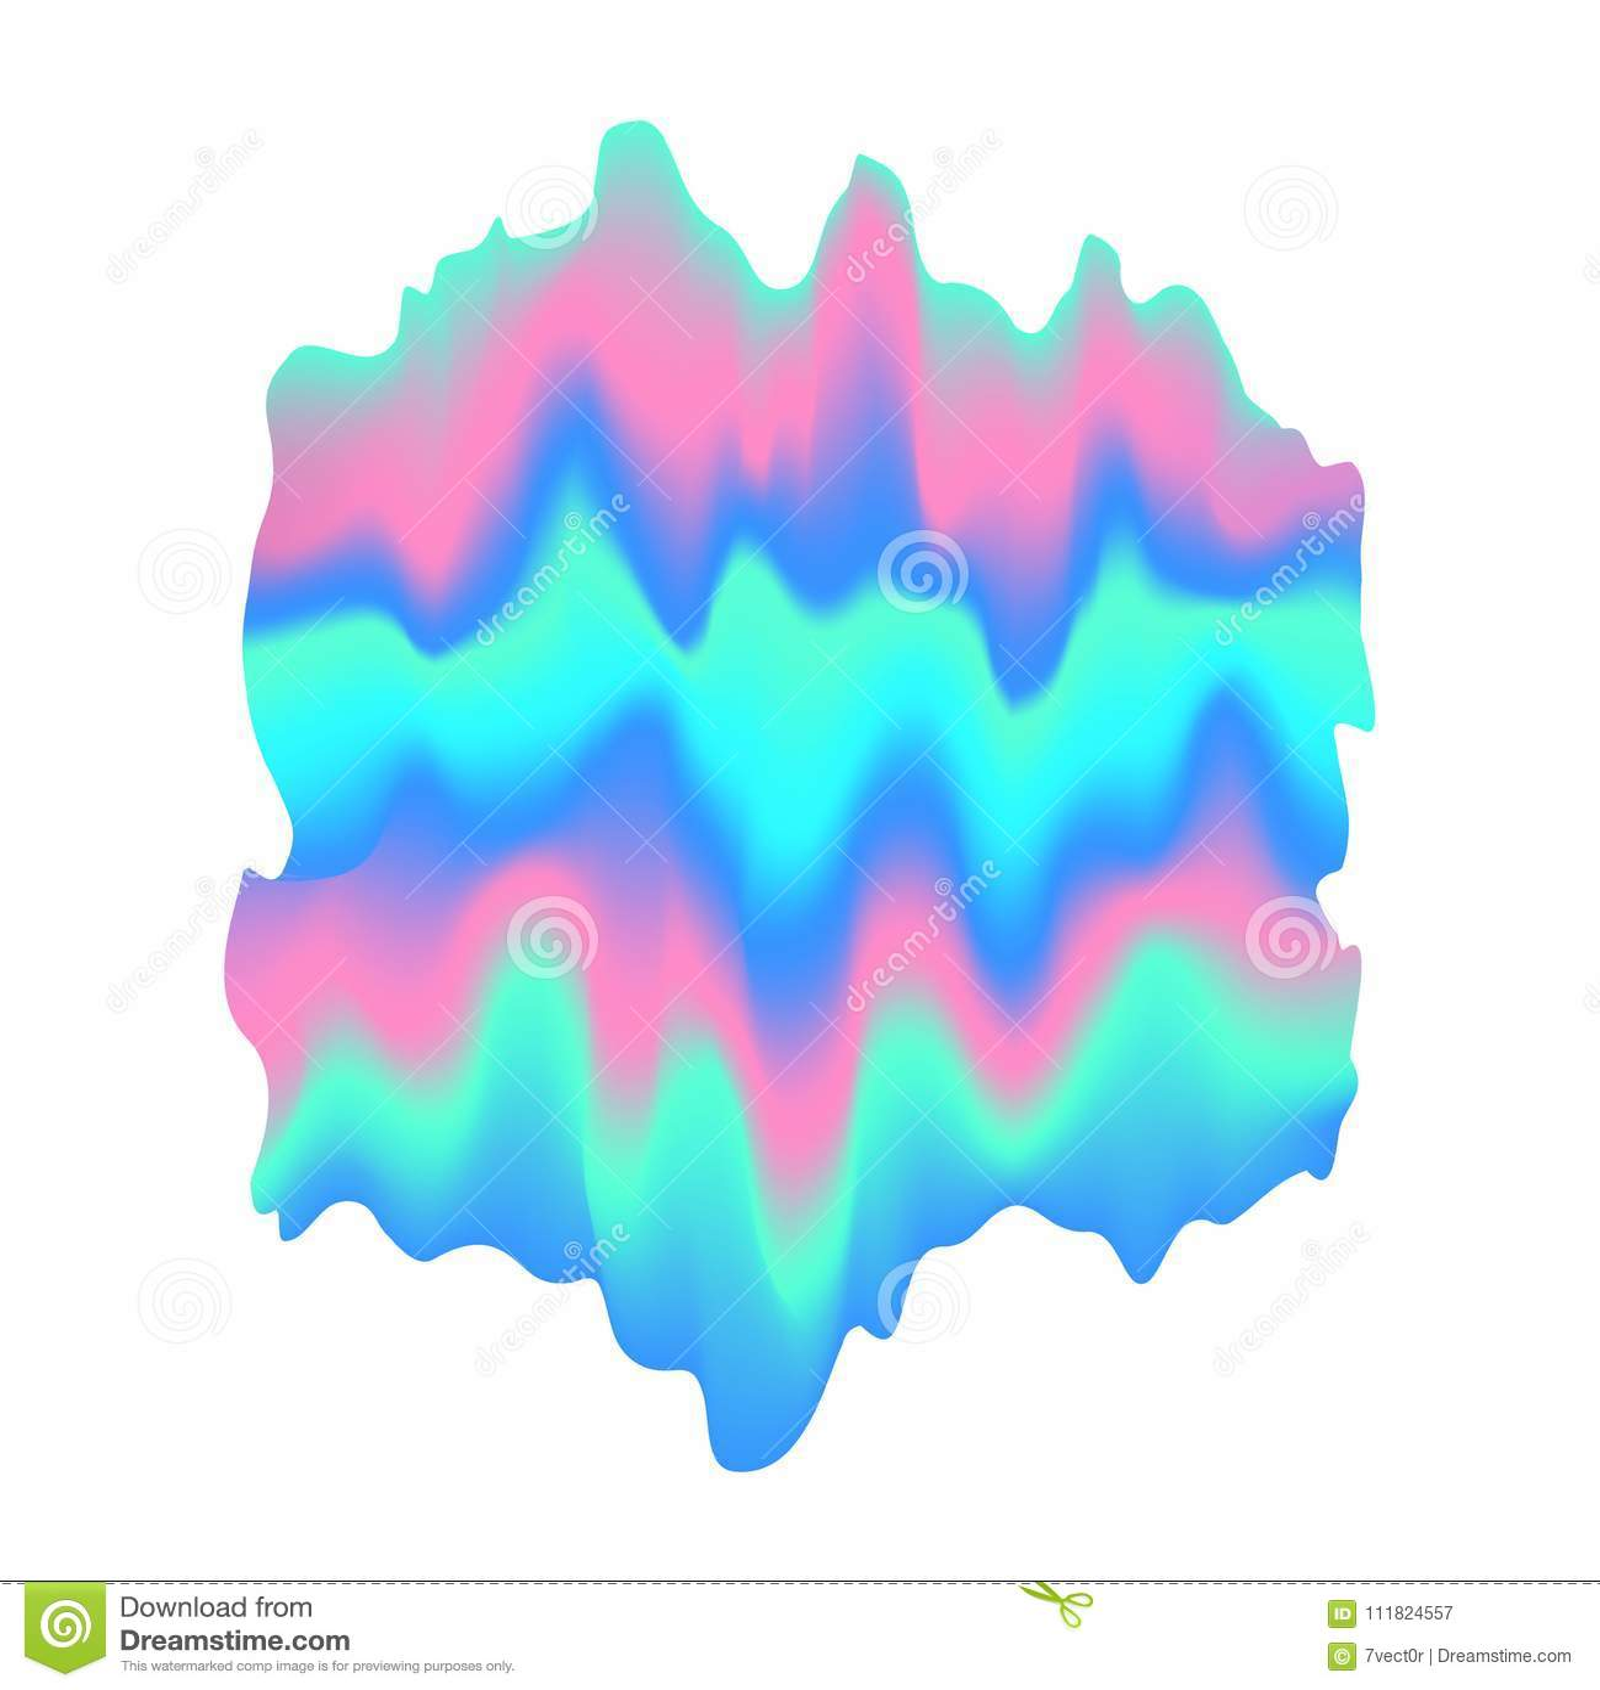 Unscharfe flüssige gewellte ganz eigenhändig geschriebe abstrakte weiche vibrierende rosa blaue Türkisfarben fließen schrullige F